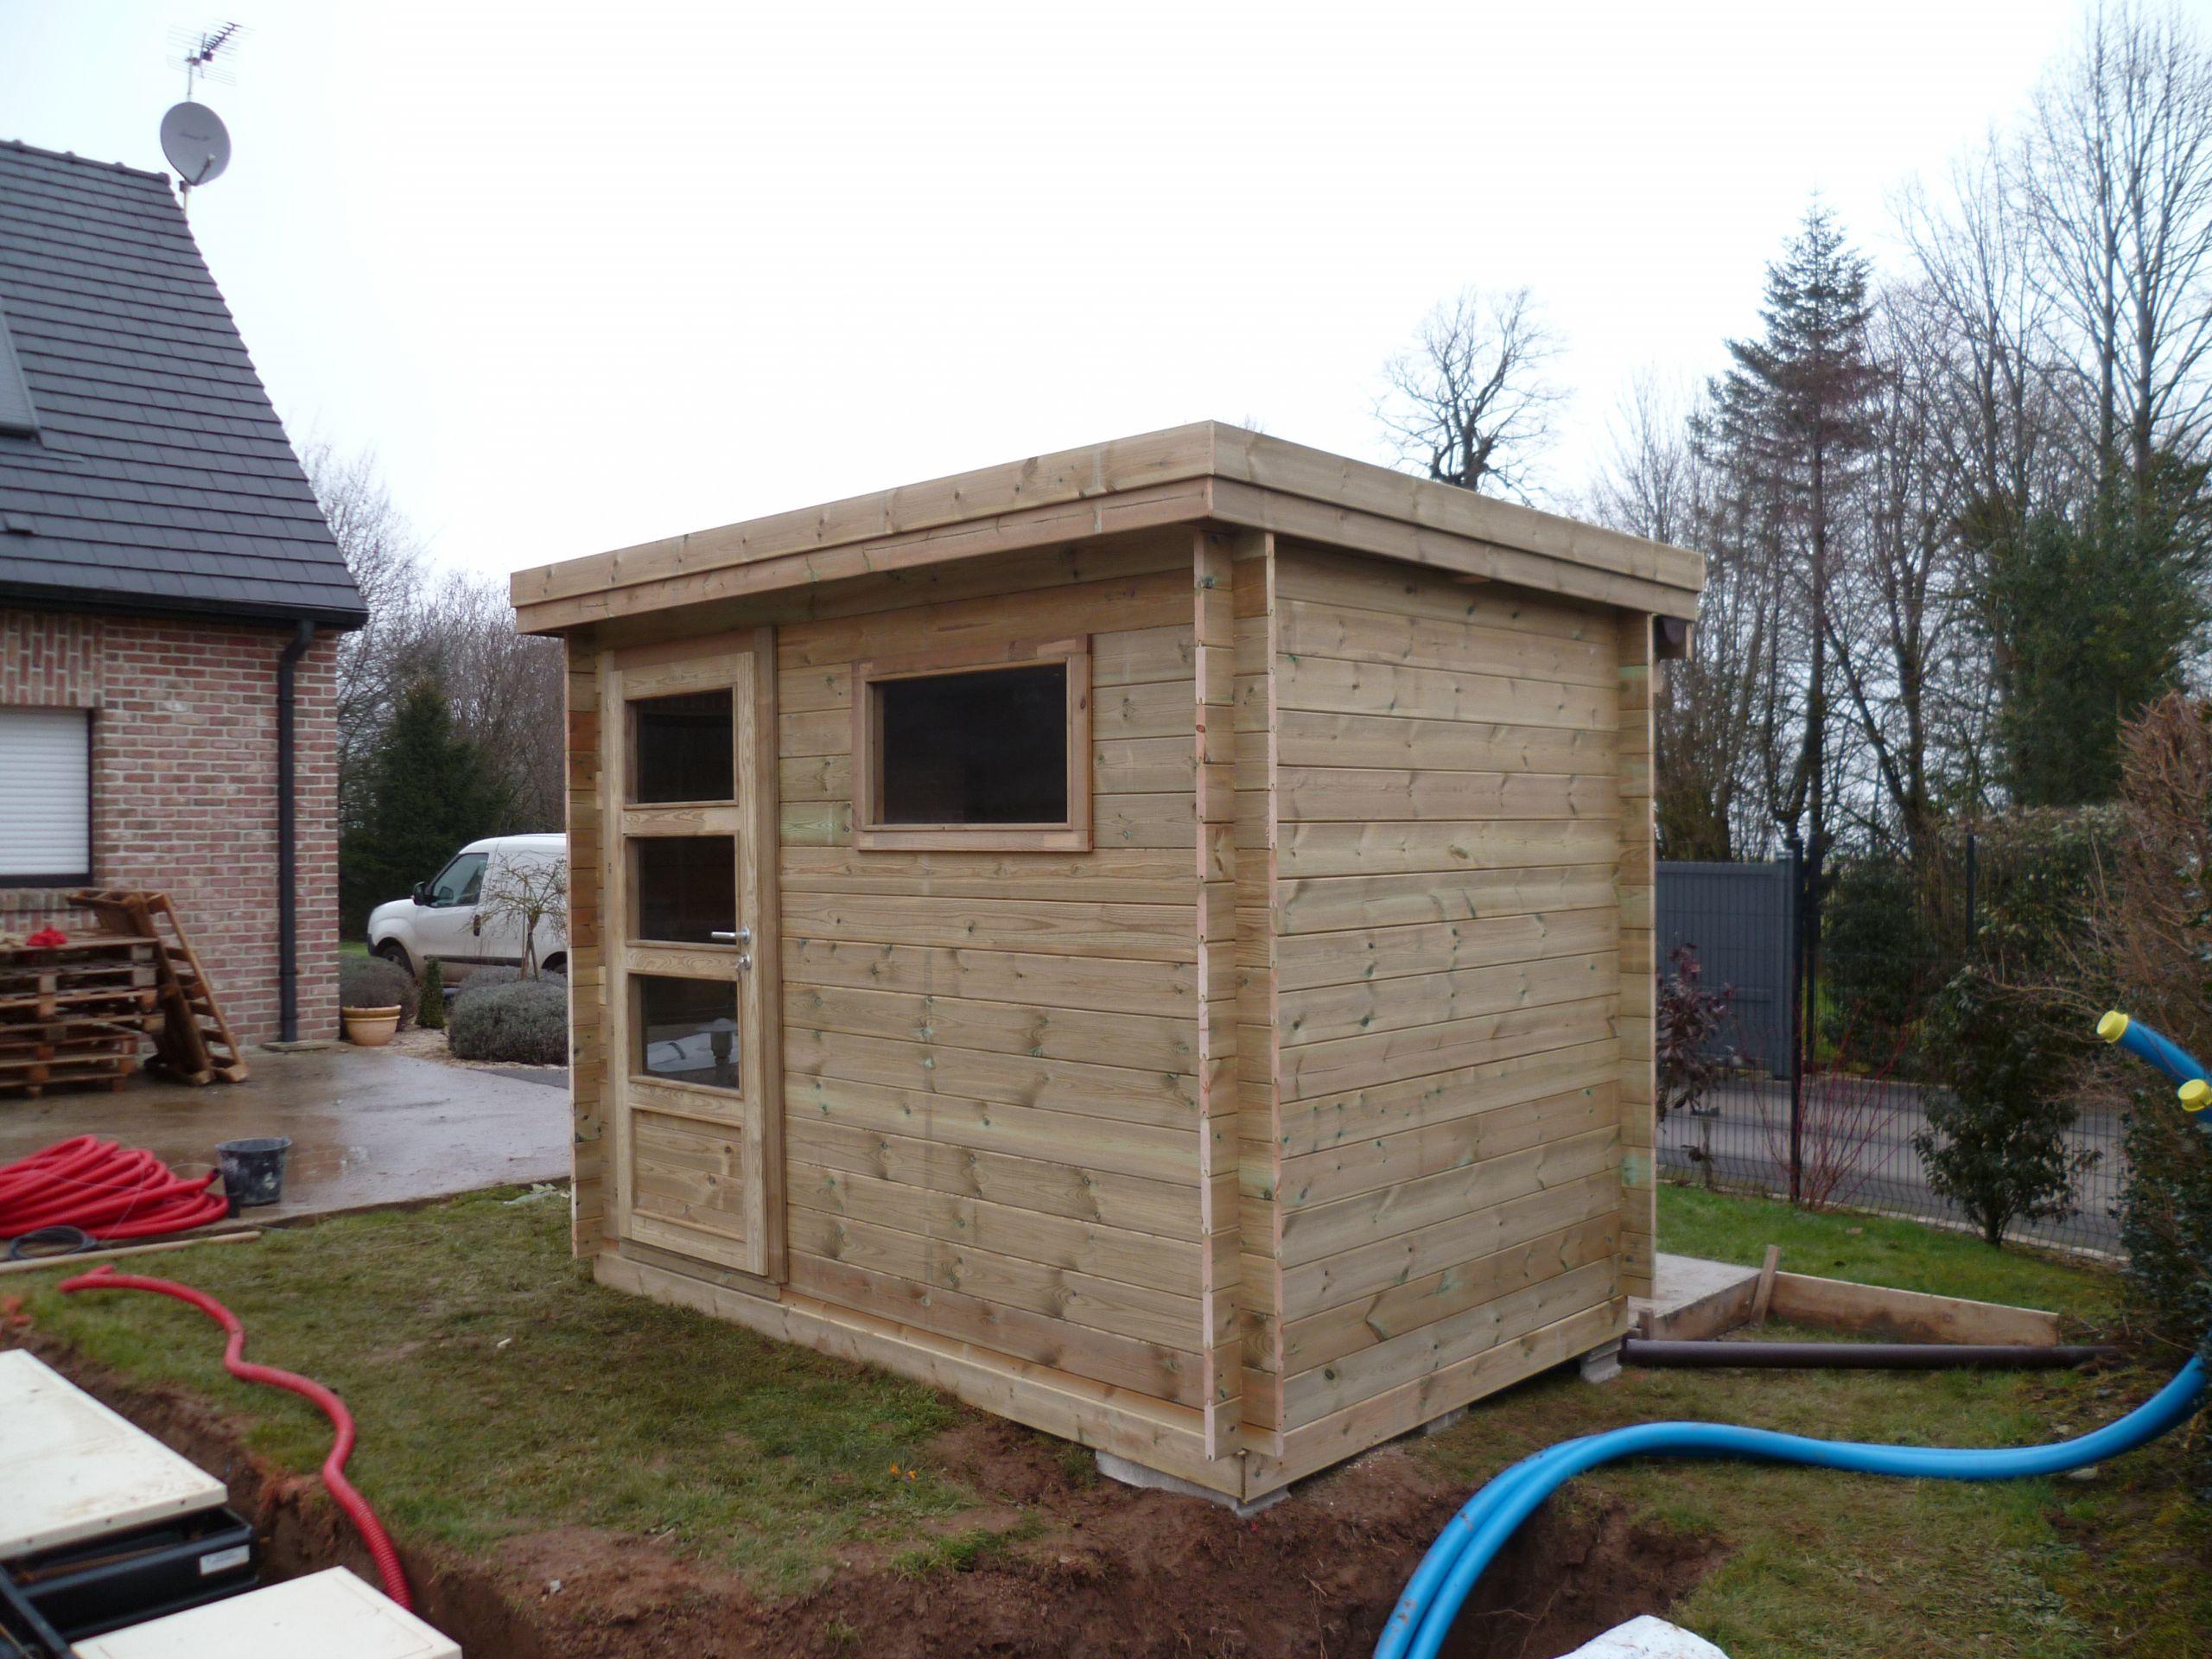 Abri jardin Contemporain en bois autoclave avec toiture en